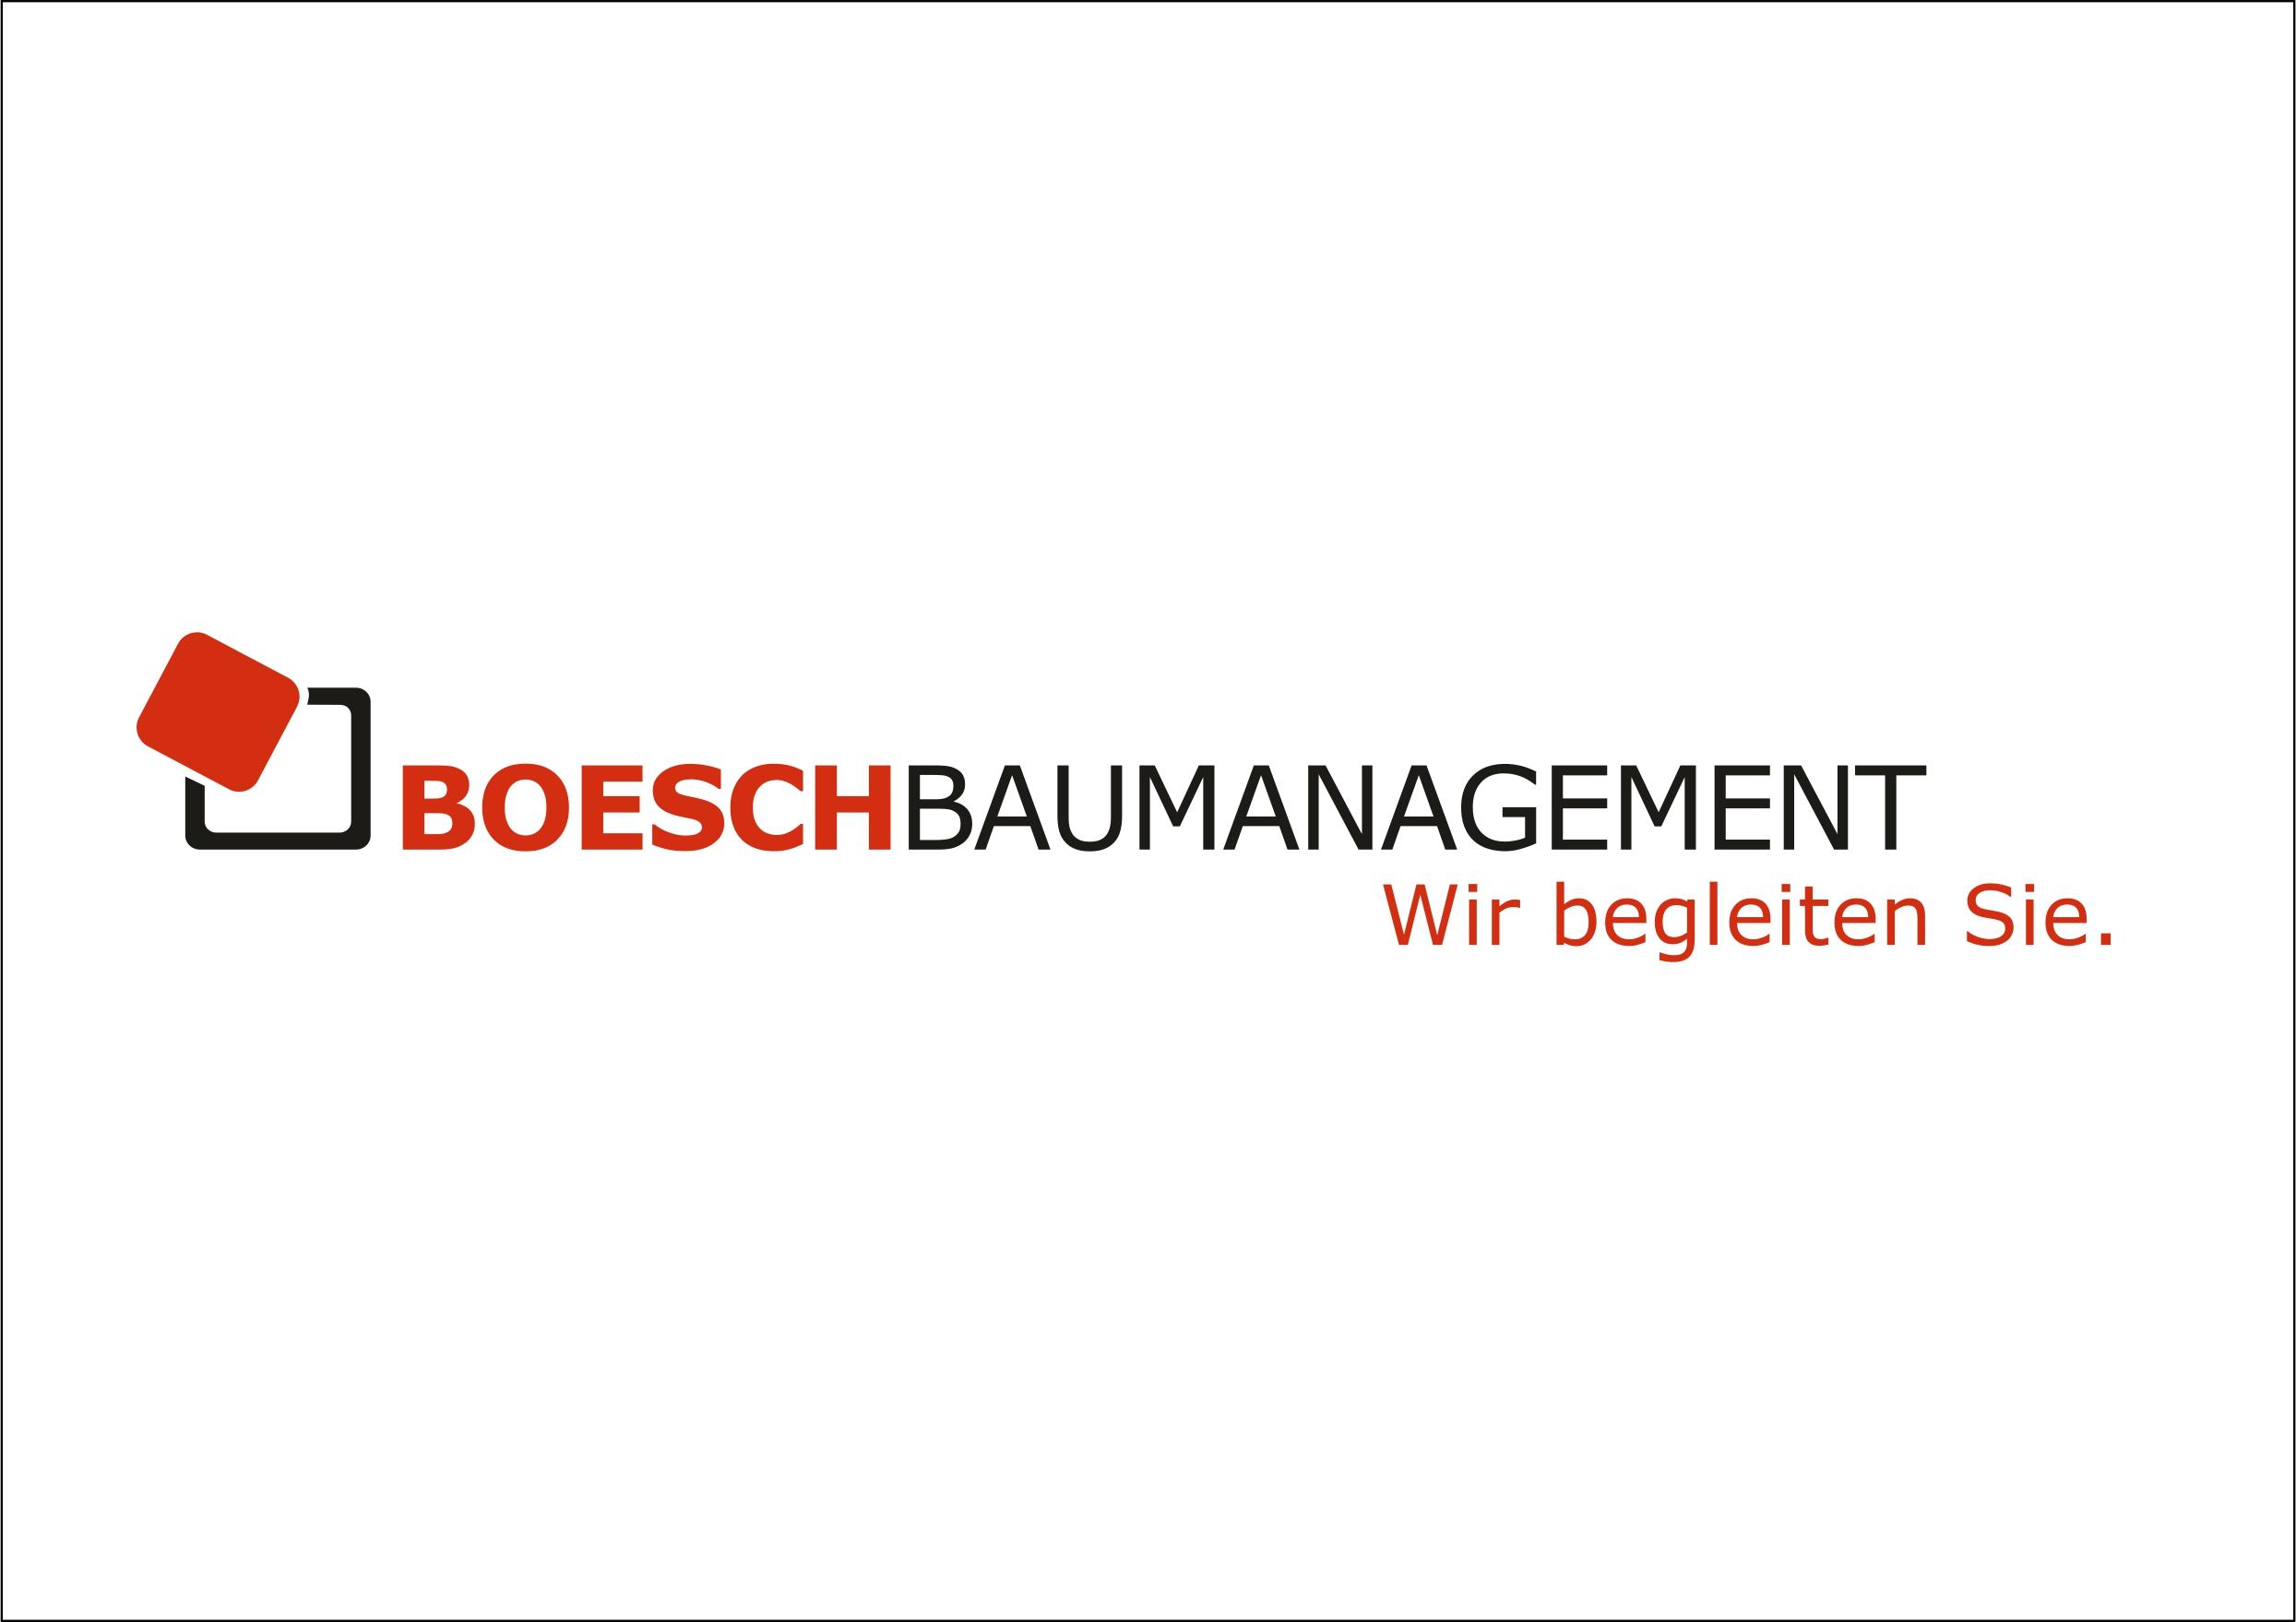 Boesch Baumanagement GmbH